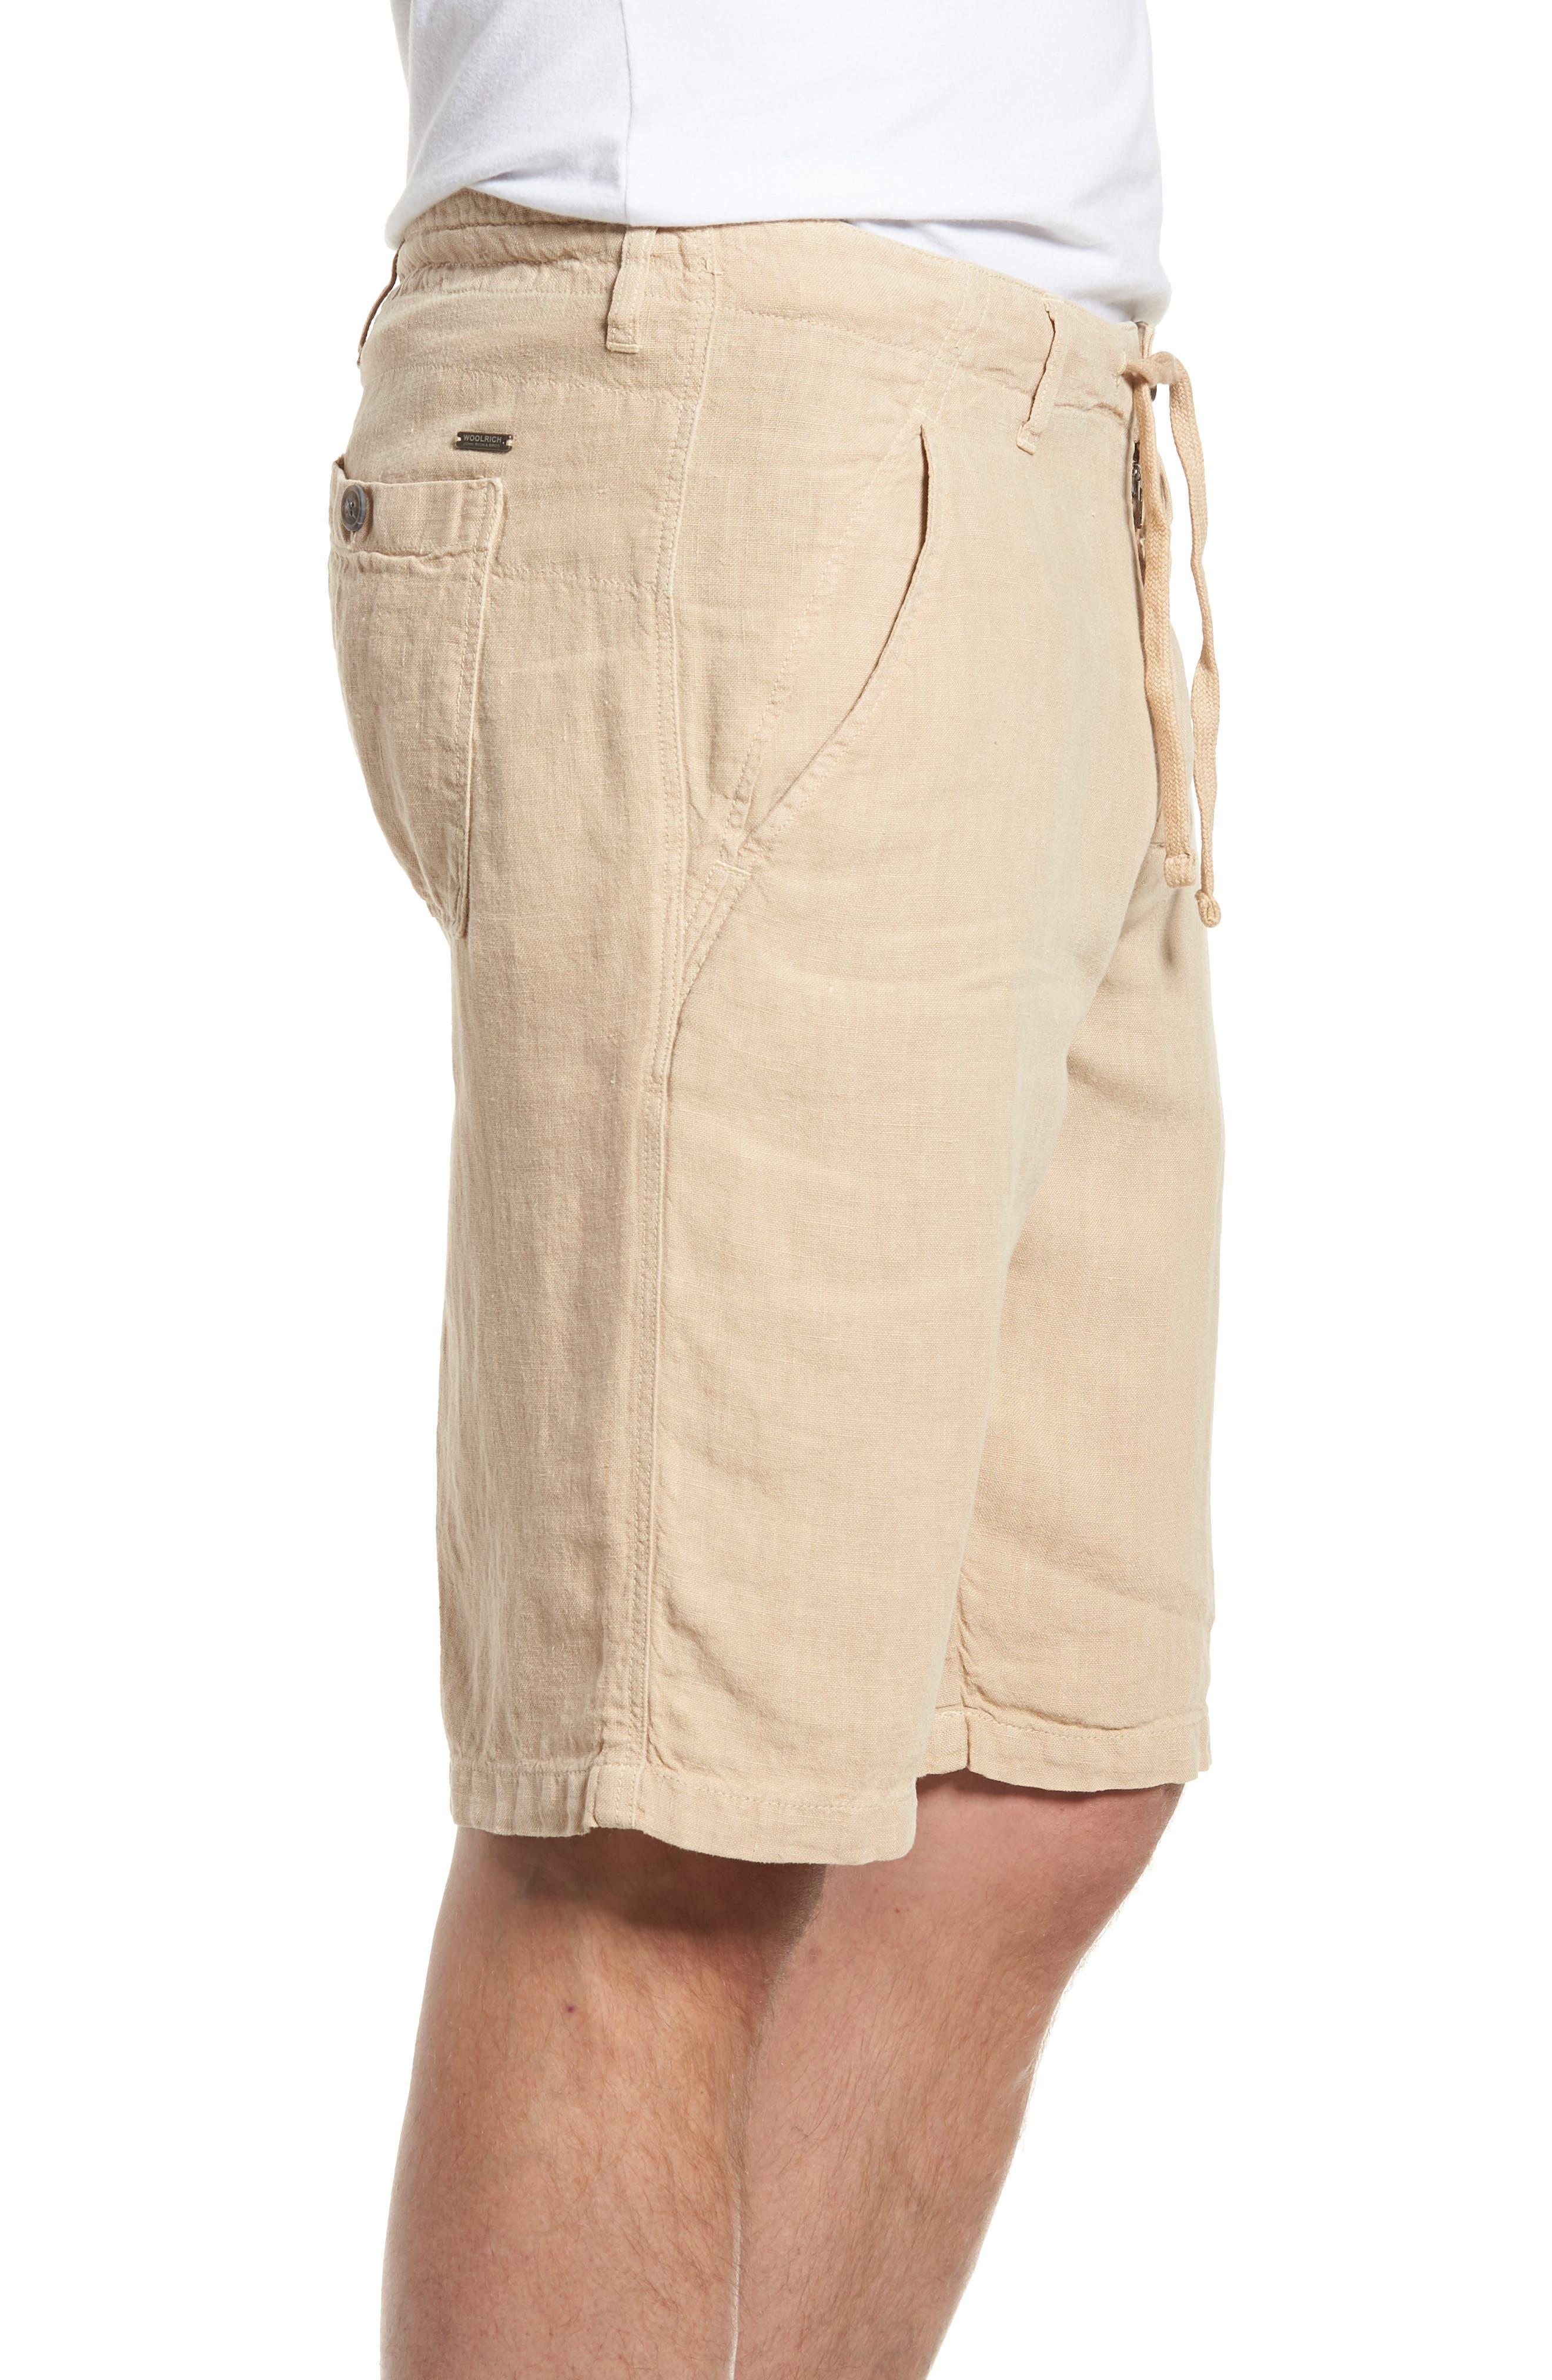 & Bros. Linen Shorts,                             Alternate thumbnail 3, color,                             Desert Dust